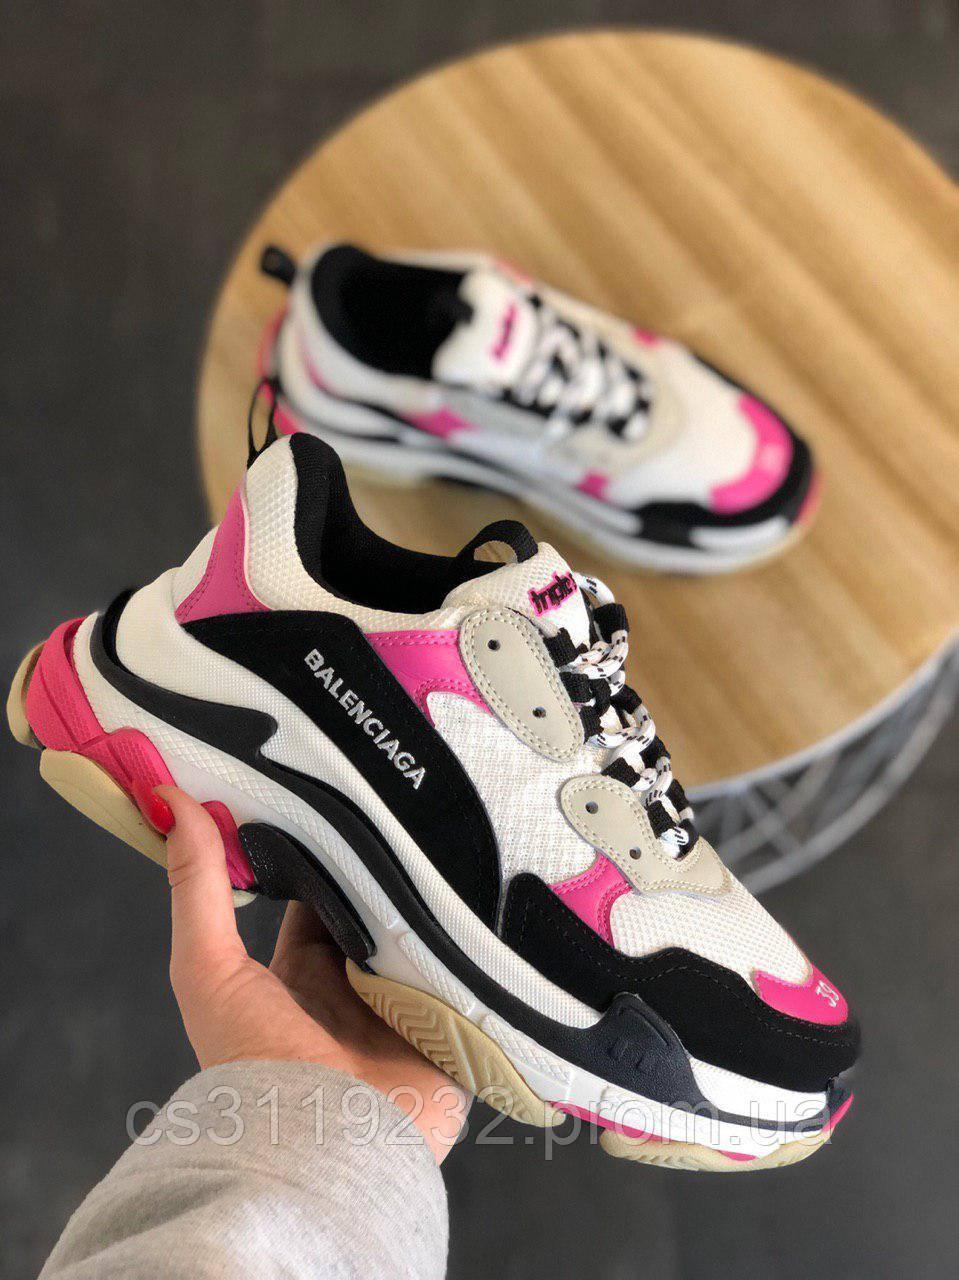 Жіночі кросівки Balenciaga Triple S White Black Pink (біло-чорно-рожевий)